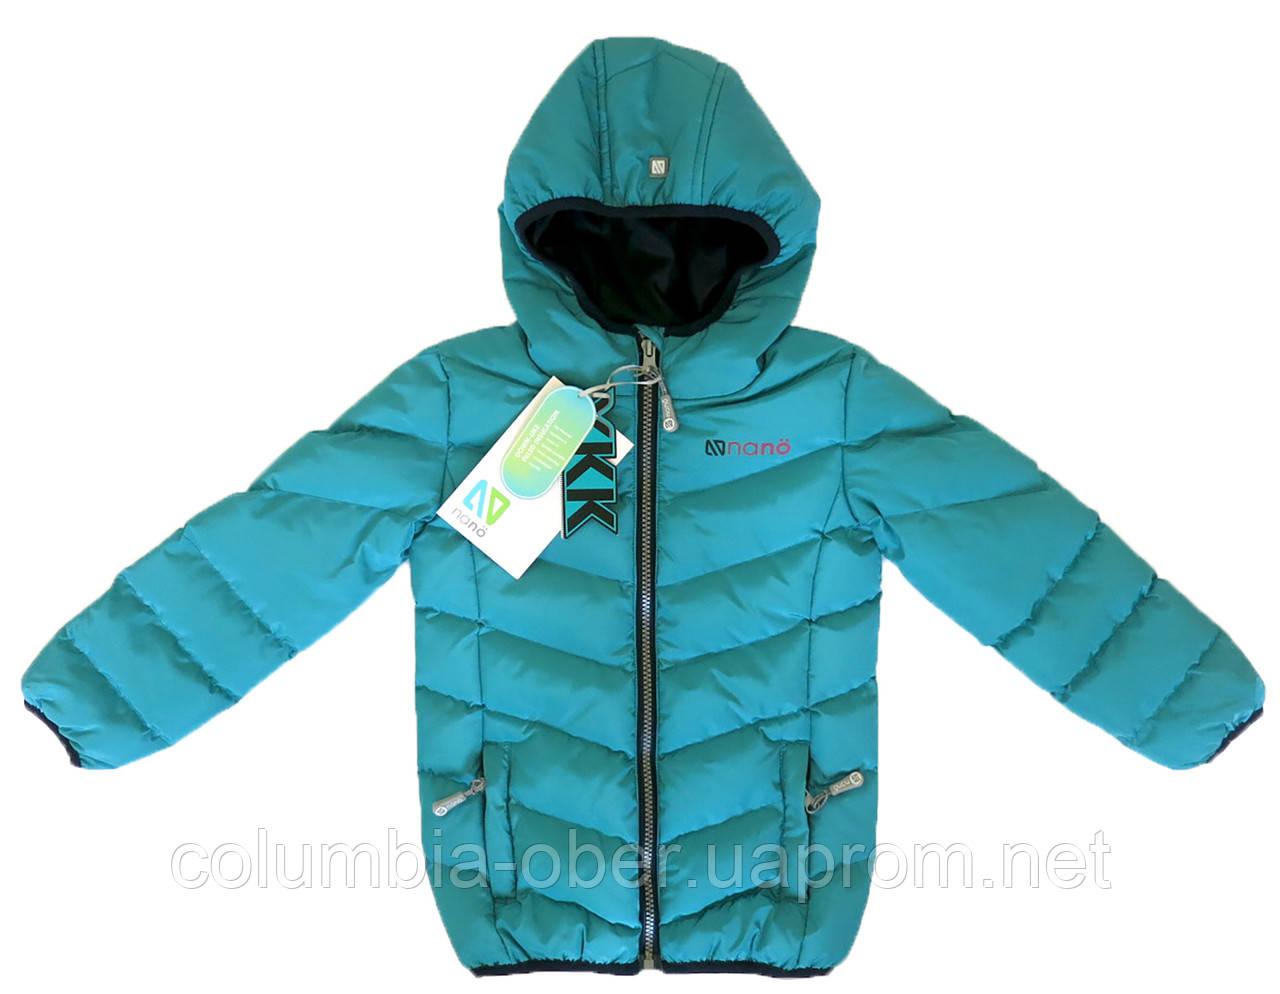 Демисезонная куртка для девочки NANO F17 M 1250Baltic. Размеры 104-138.